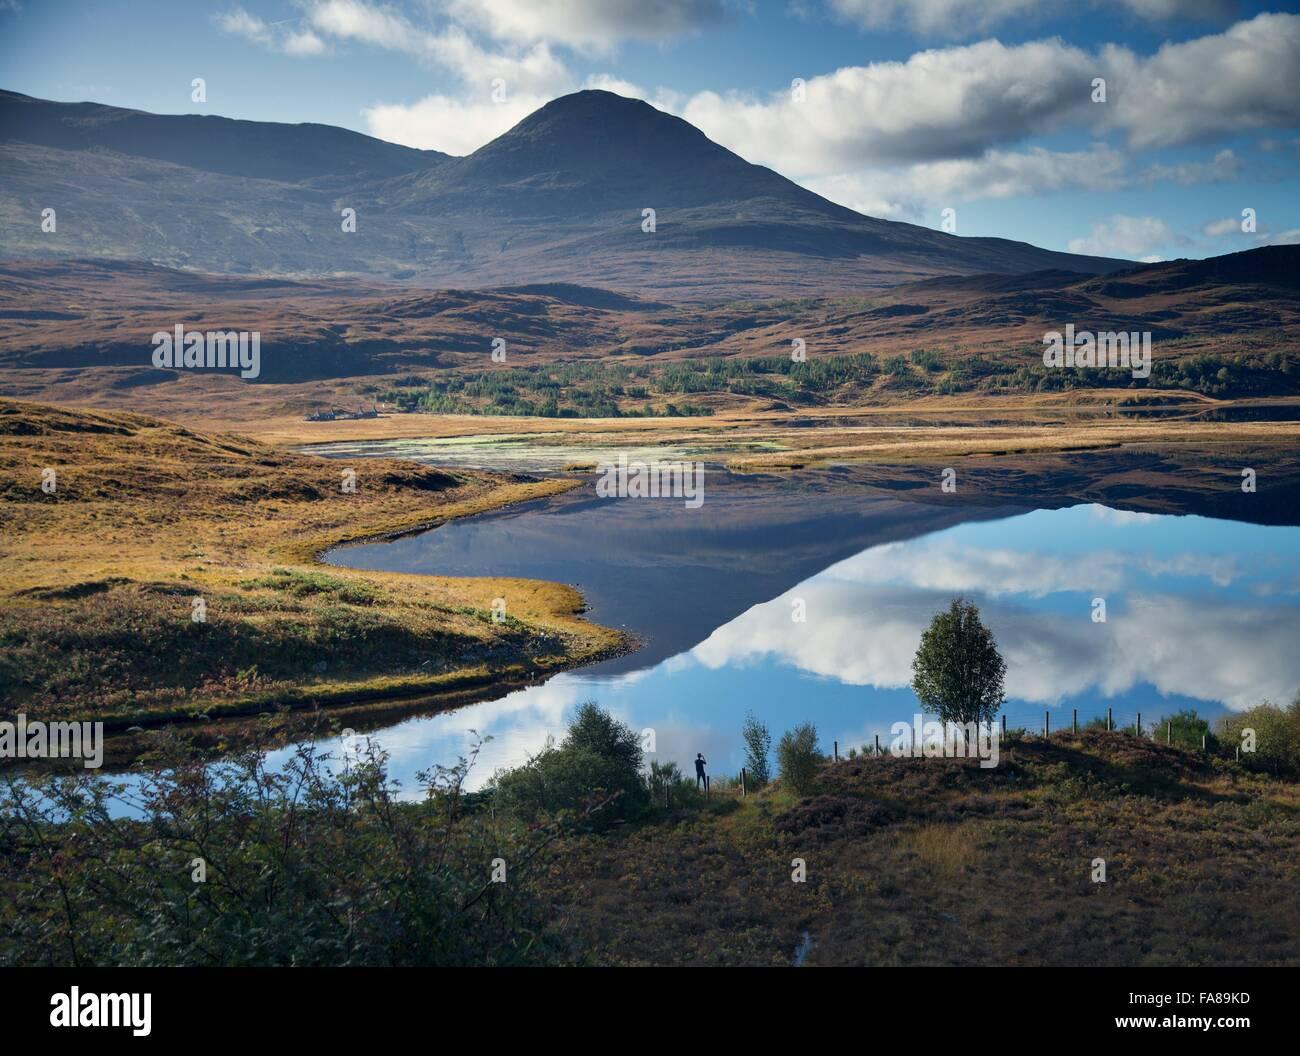 Hombre fotografiando reflejo de montaña en loch, Highland, Escocia Foto de stock